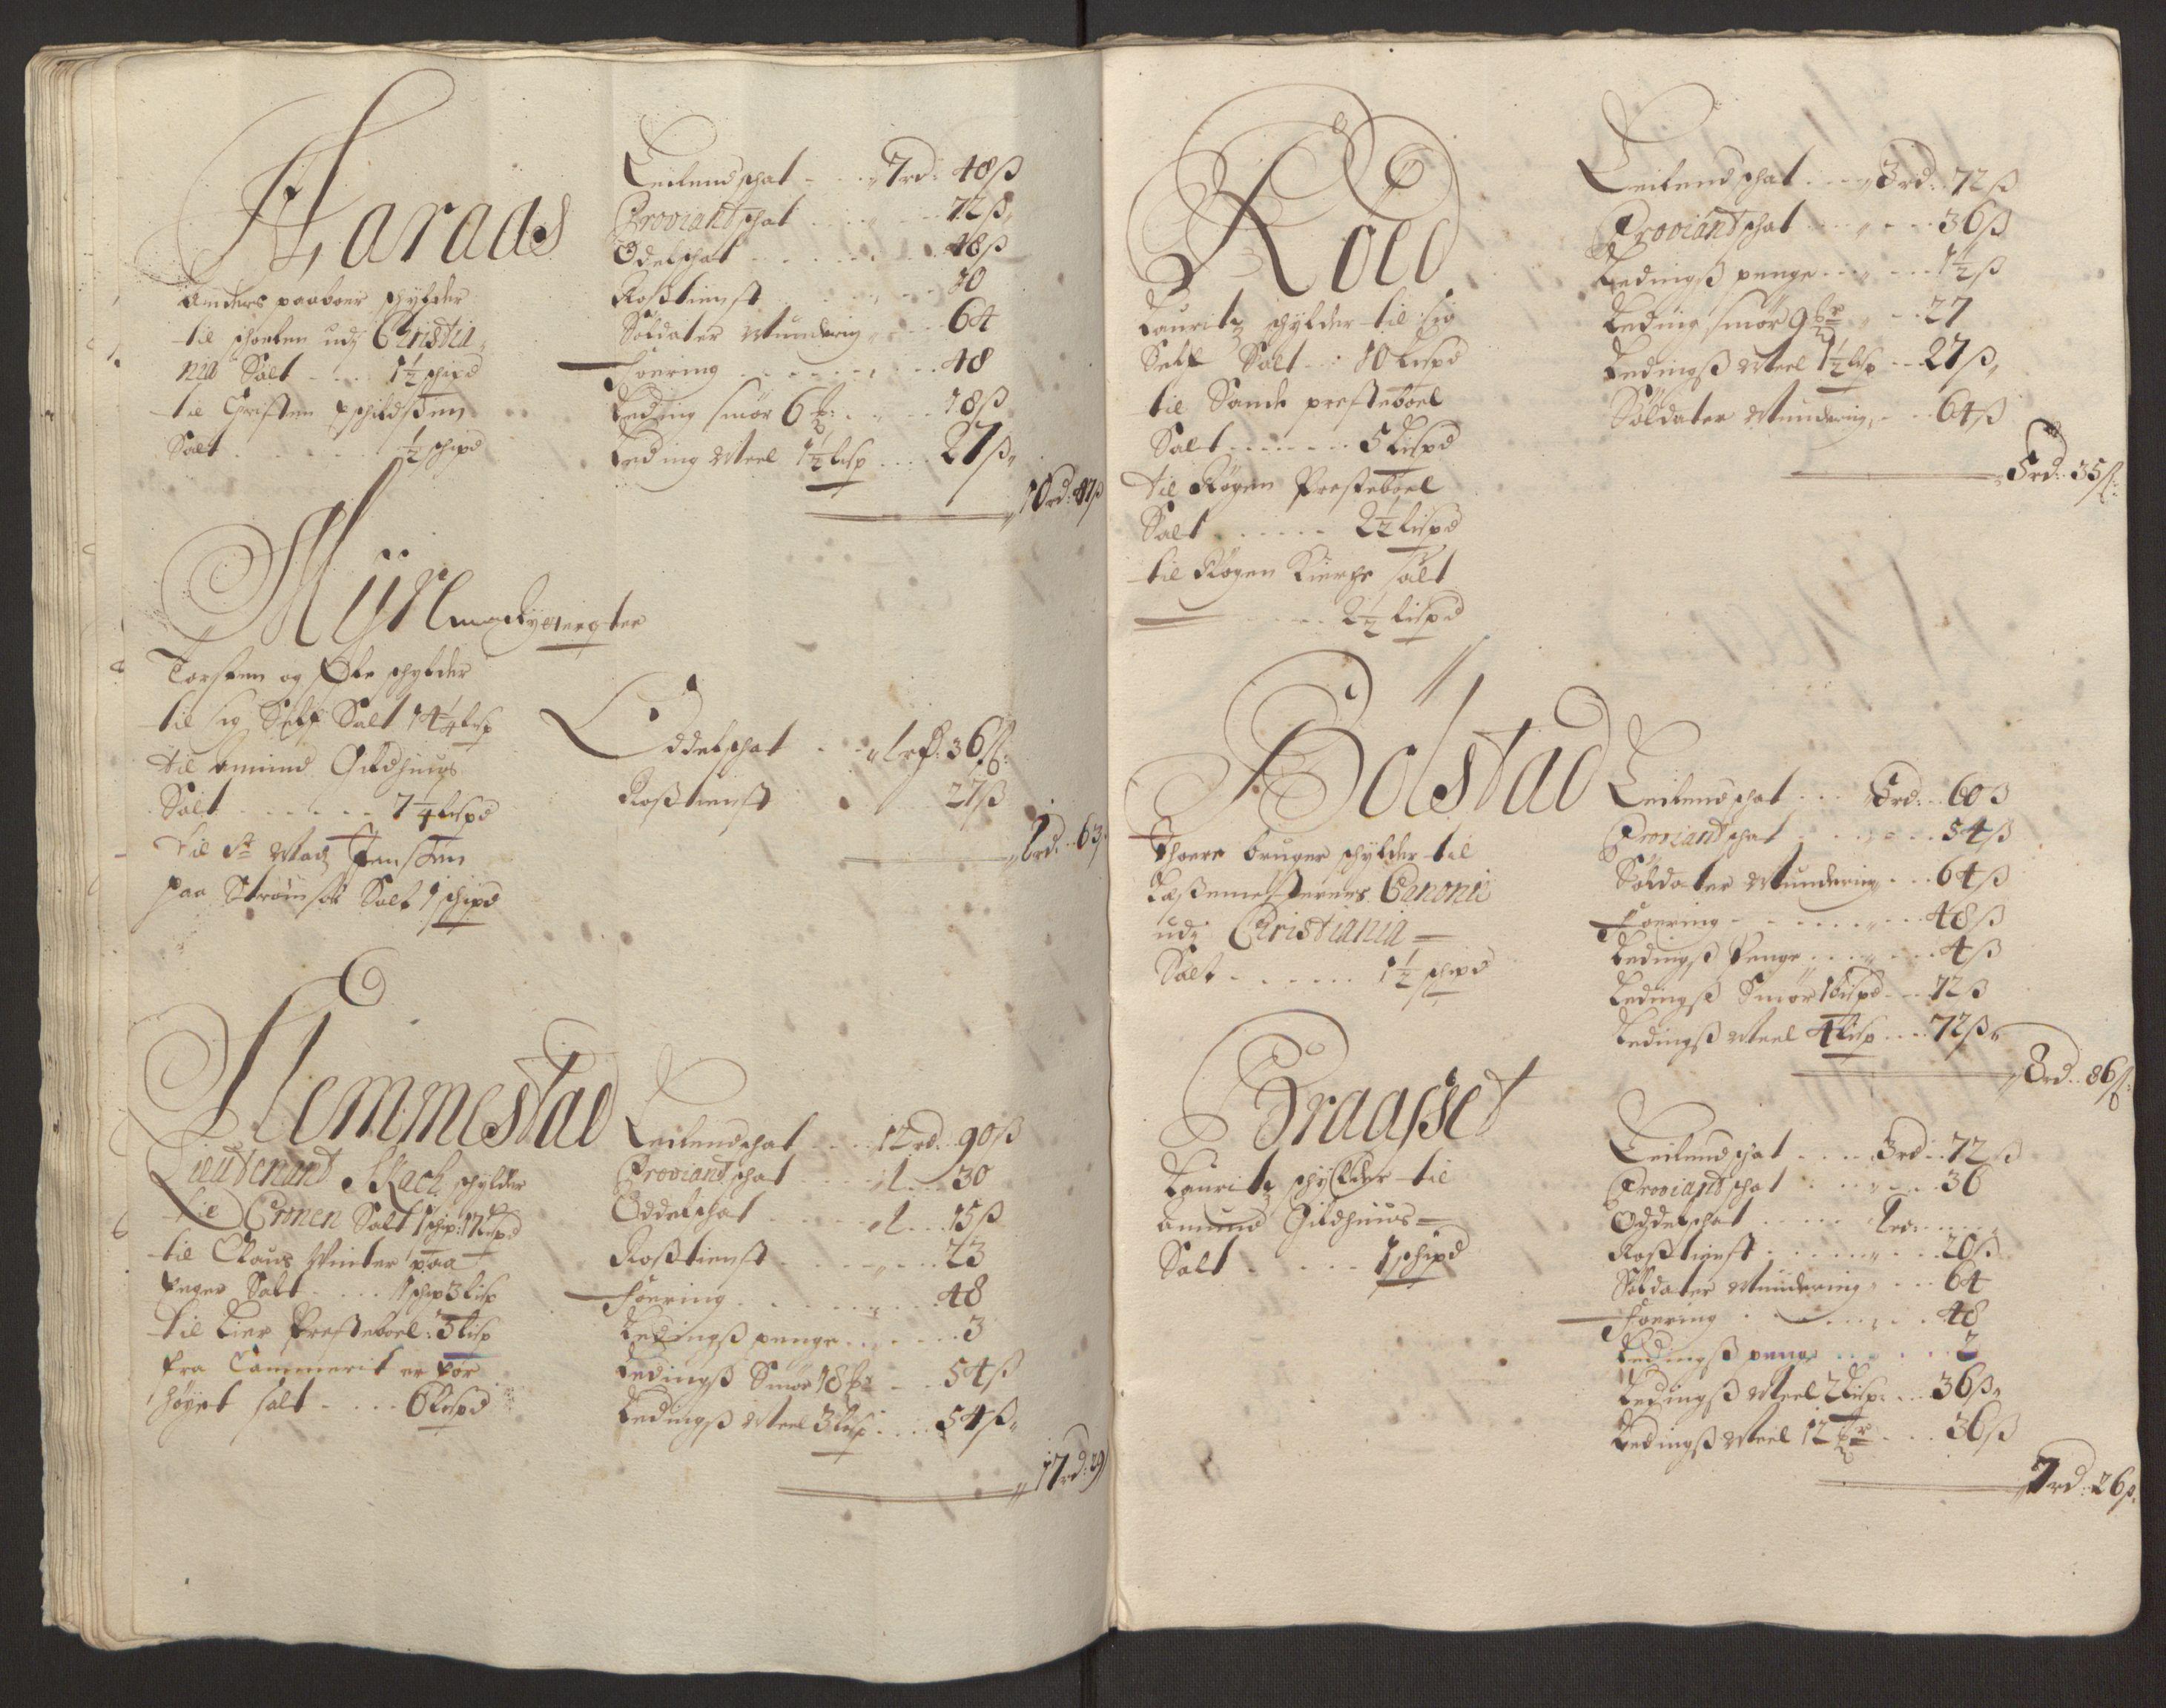 RA, Rentekammeret inntil 1814, Reviderte regnskaper, Fogderegnskap, R30/L1694: Fogderegnskap Hurum, Røyken, Eiker og Lier, 1694-1696, p. 353